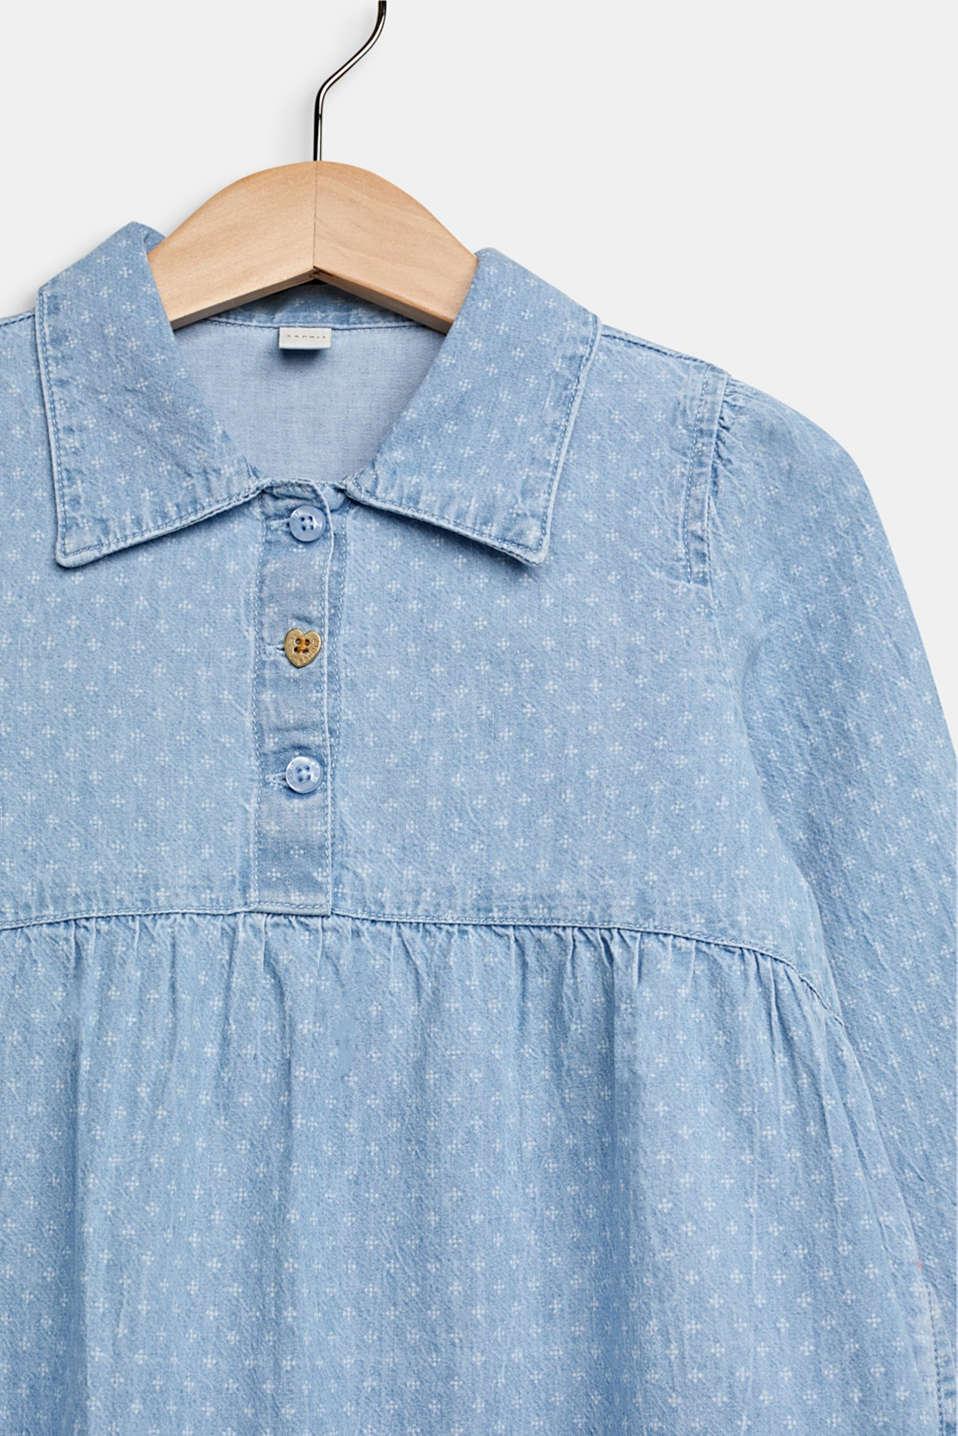 Lightweight denim dress with a print, 100% cotton, LIGHT INDIGO D, detail image number 2